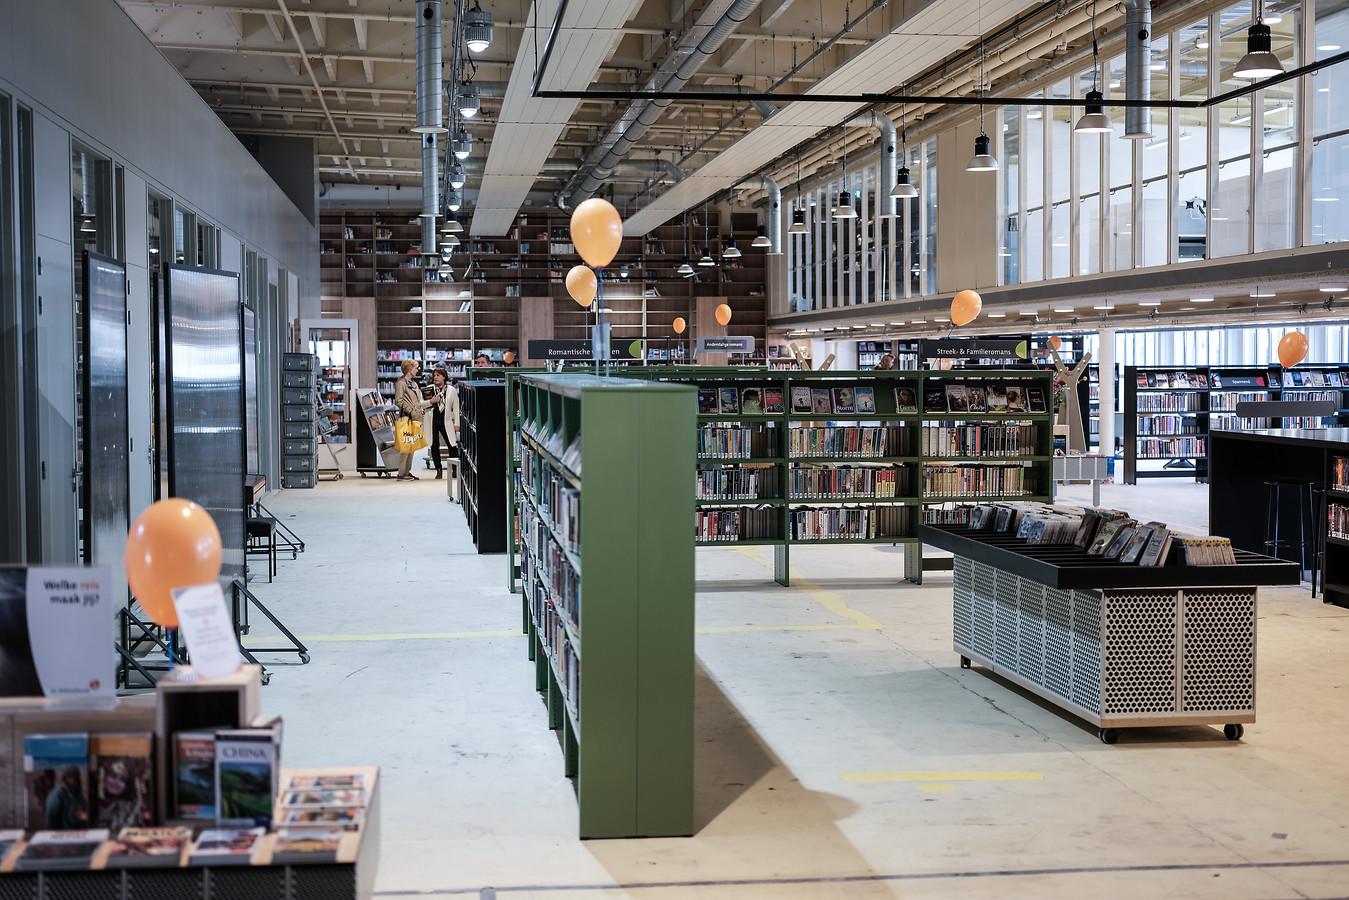 De bibliotheek is al gehuisvest in Hal12 in Zevenaar.